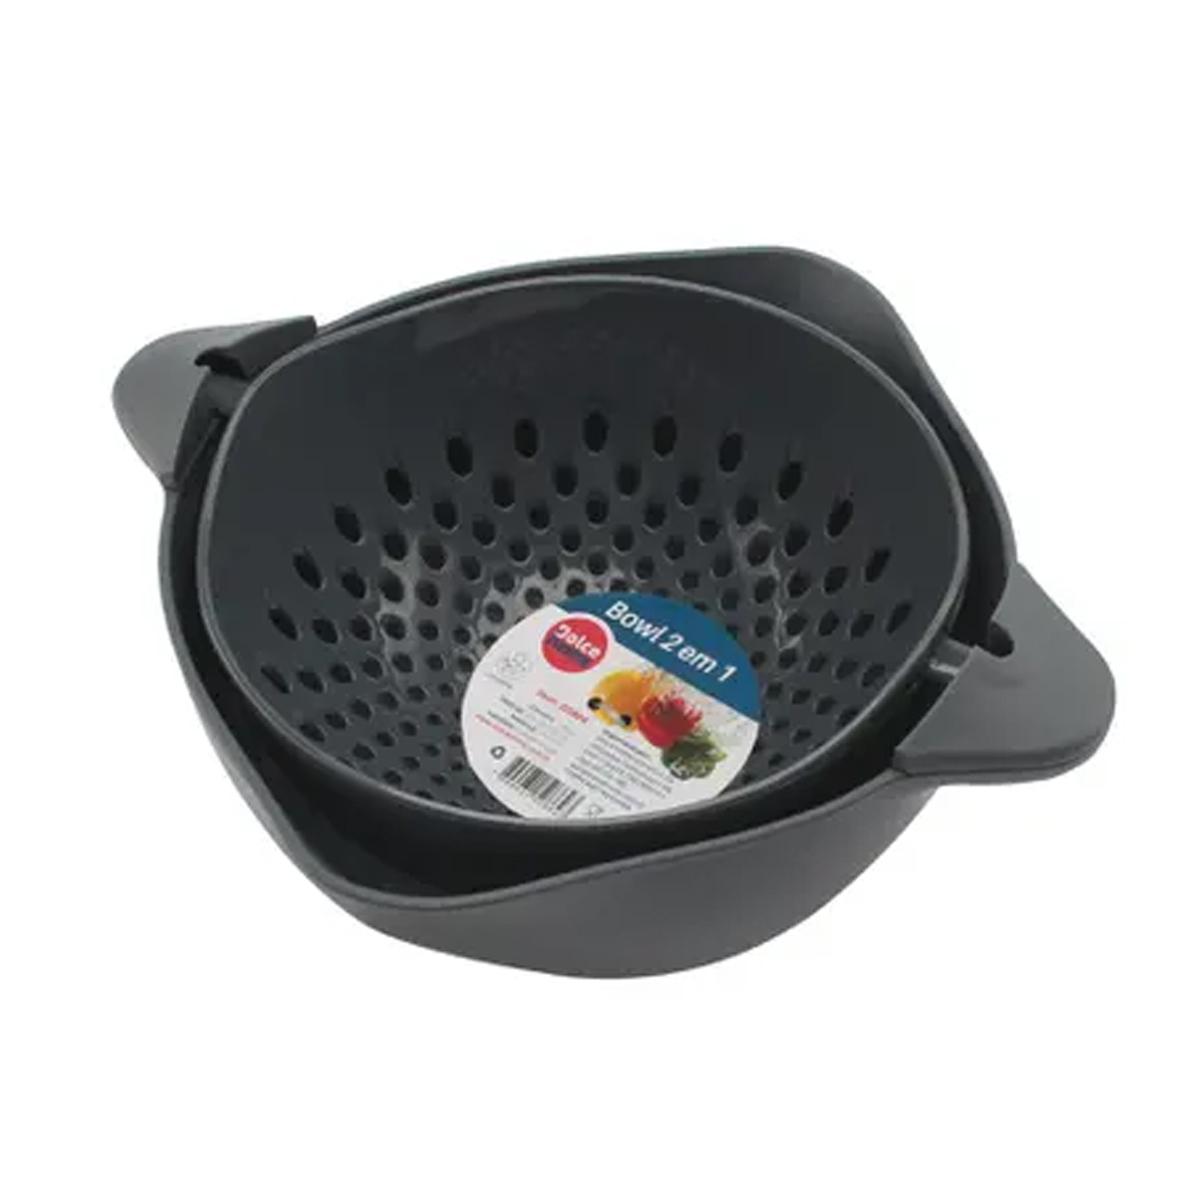 Escorredor e tigela giratória bowl 2 em 1 22cm em Plástico